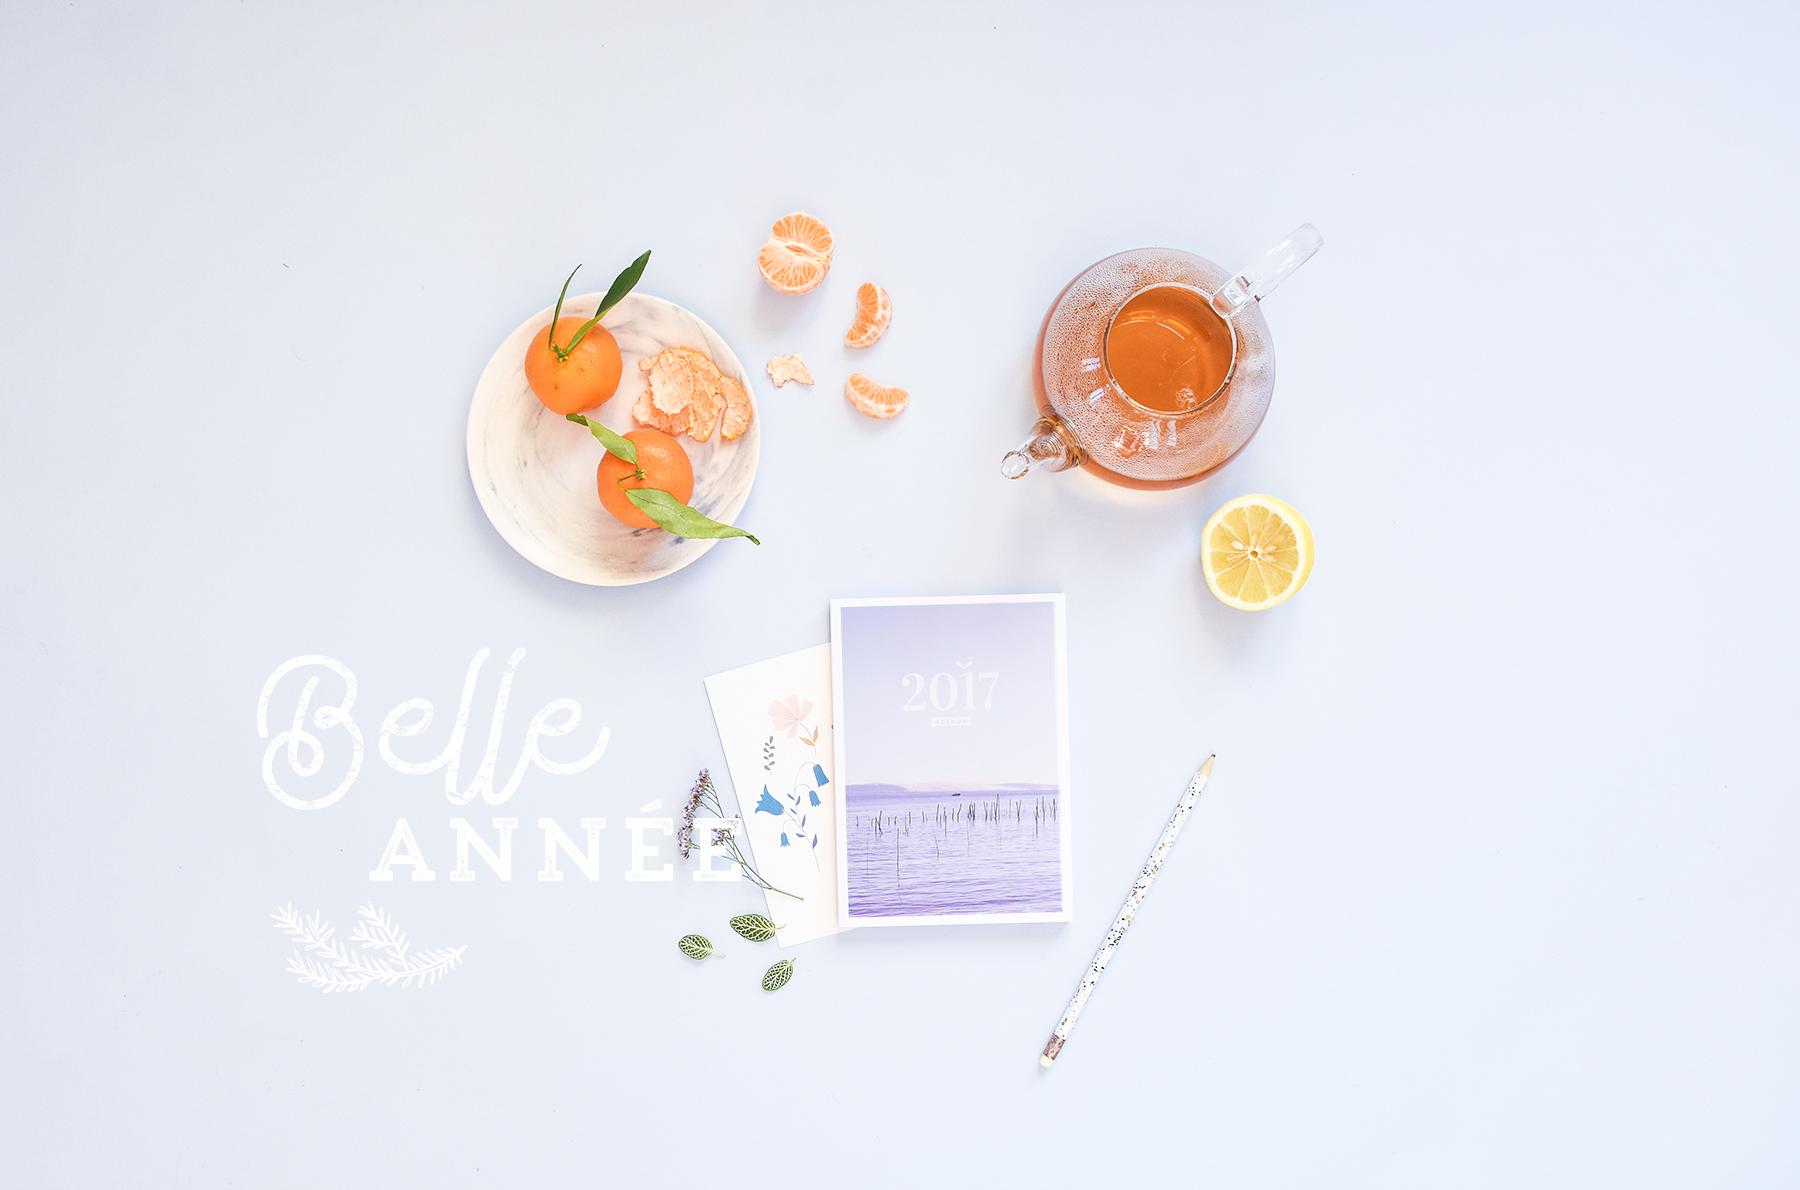 Leaf • Belle année 2017